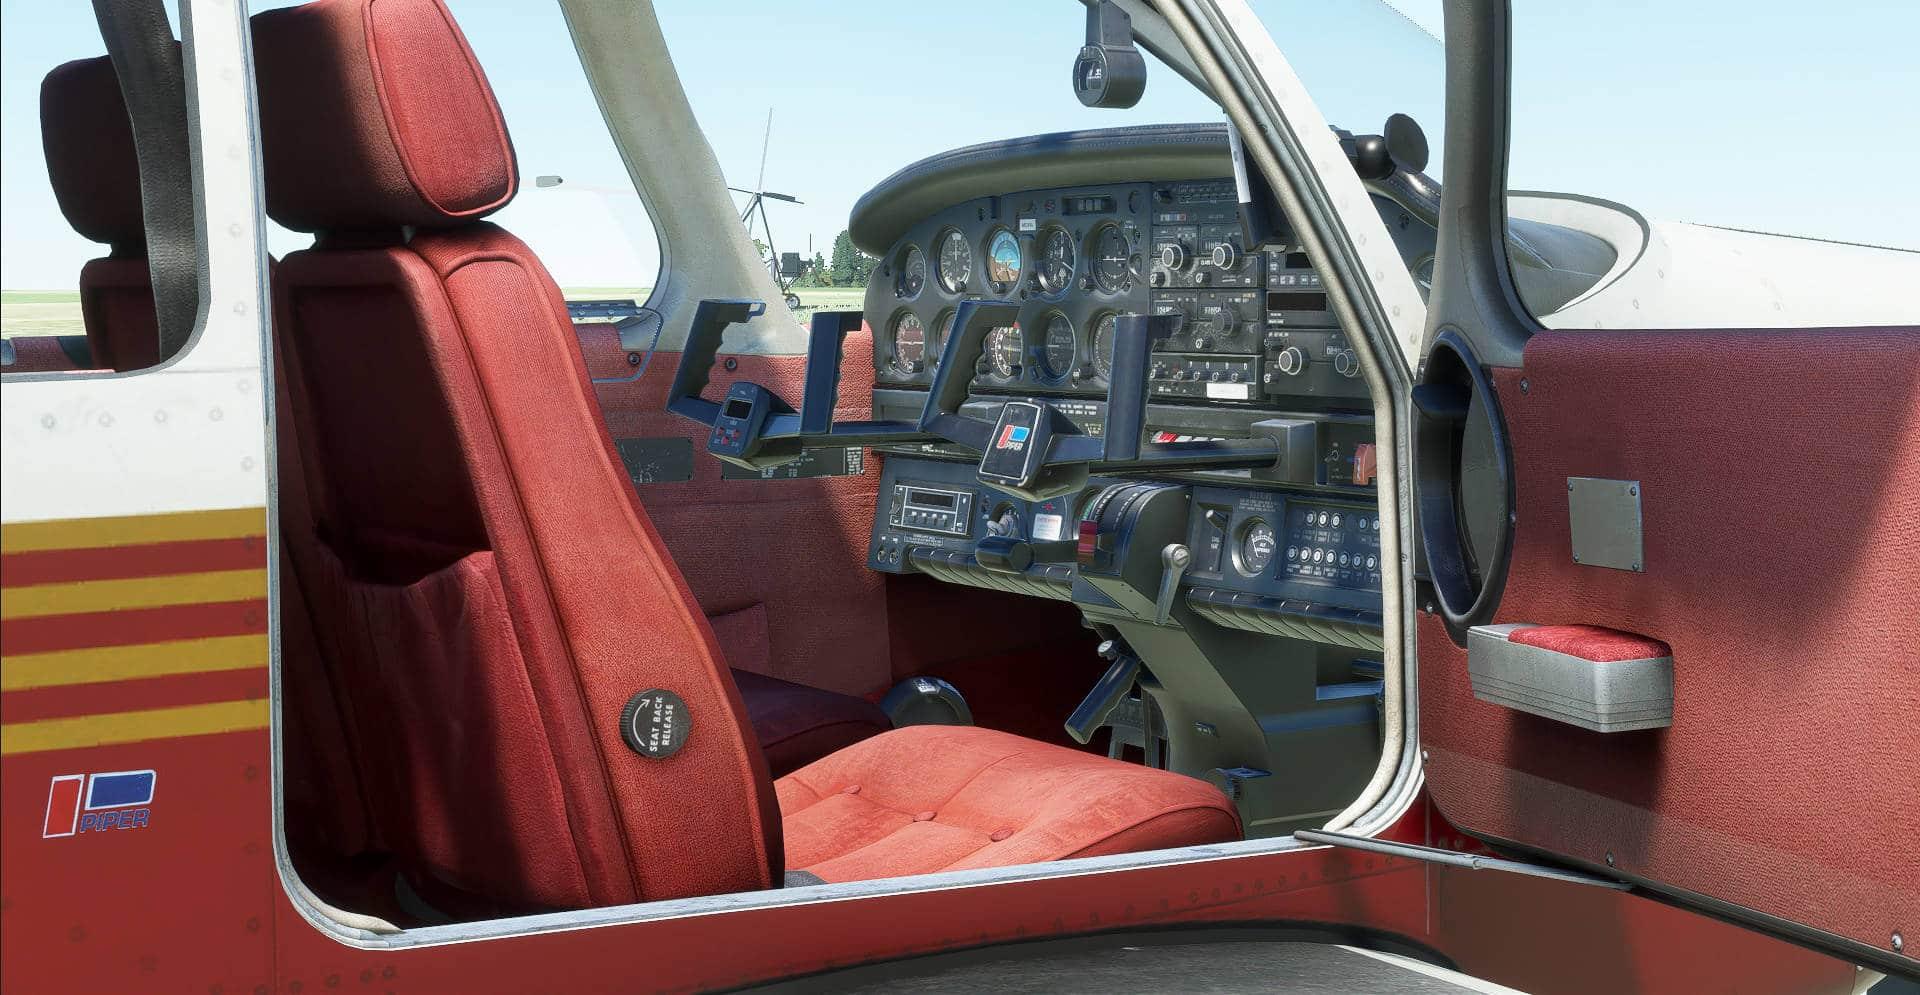 pa28-161-warrior-ii-microsoft-flight-simulator_10_ss_l_210721103051